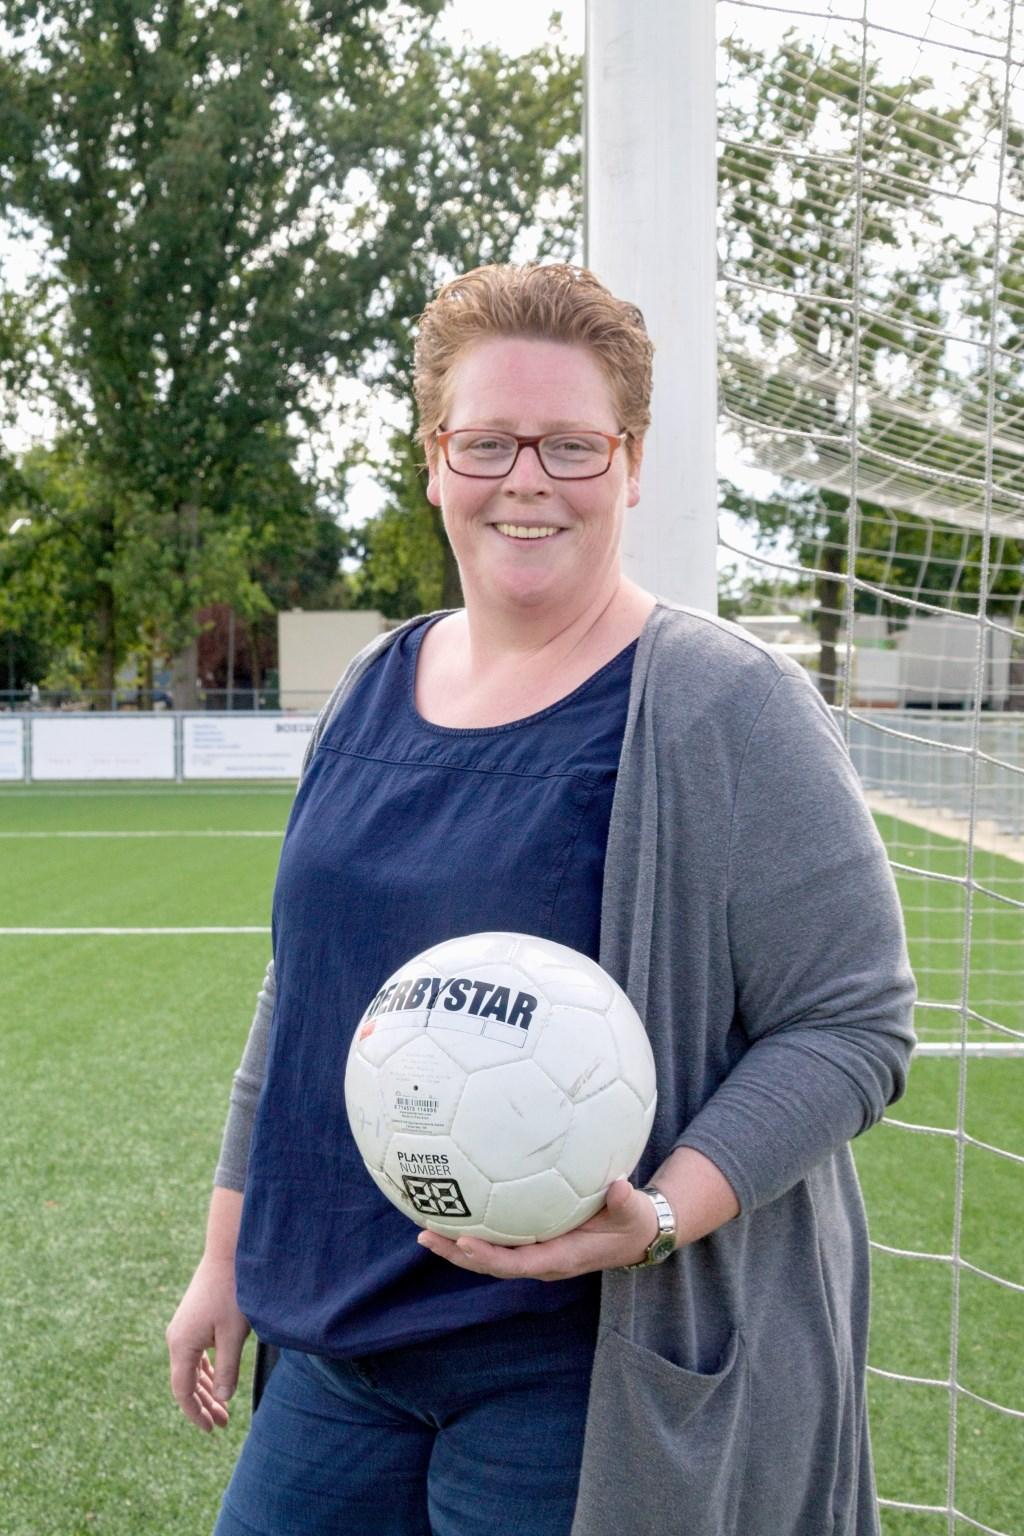 Helma van de Ven is vrijwilliger bij voetbalvereniging RKSV Boxtel en één van de gezichten van de campagne.  | Fotonummer: 4838a3